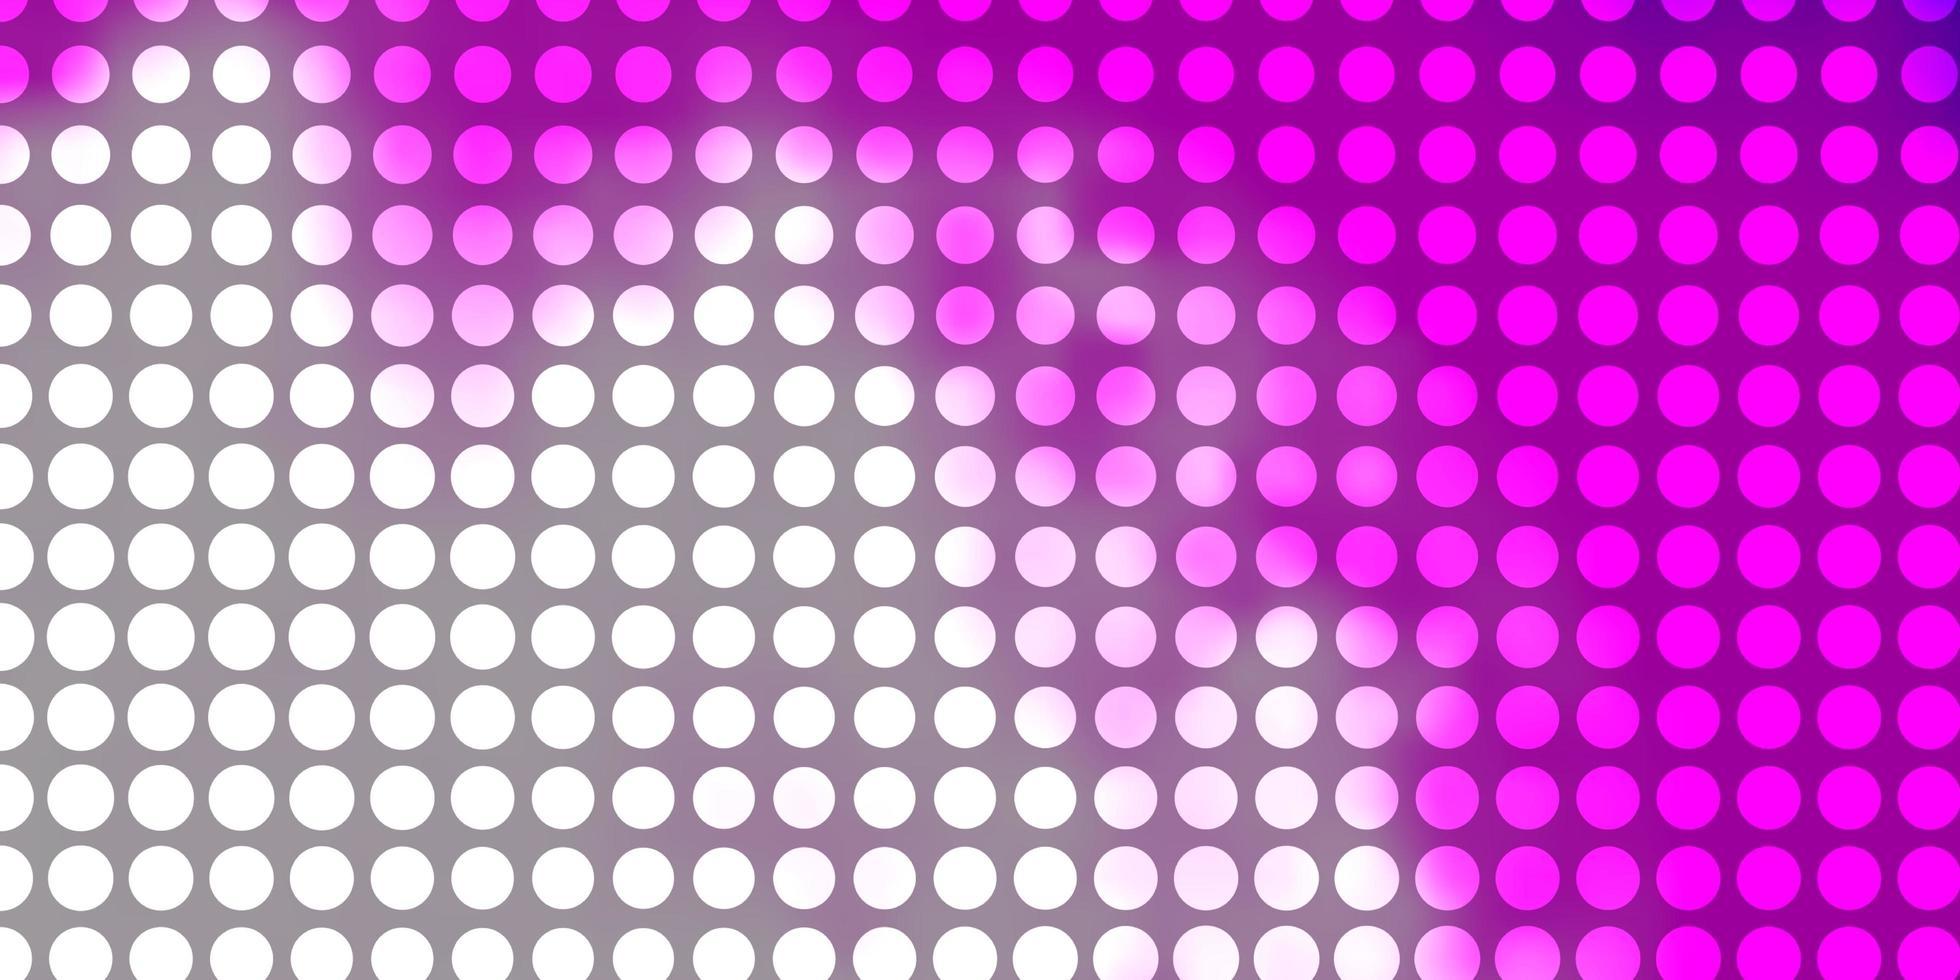 rosa bakgrund med cirklar. vektor